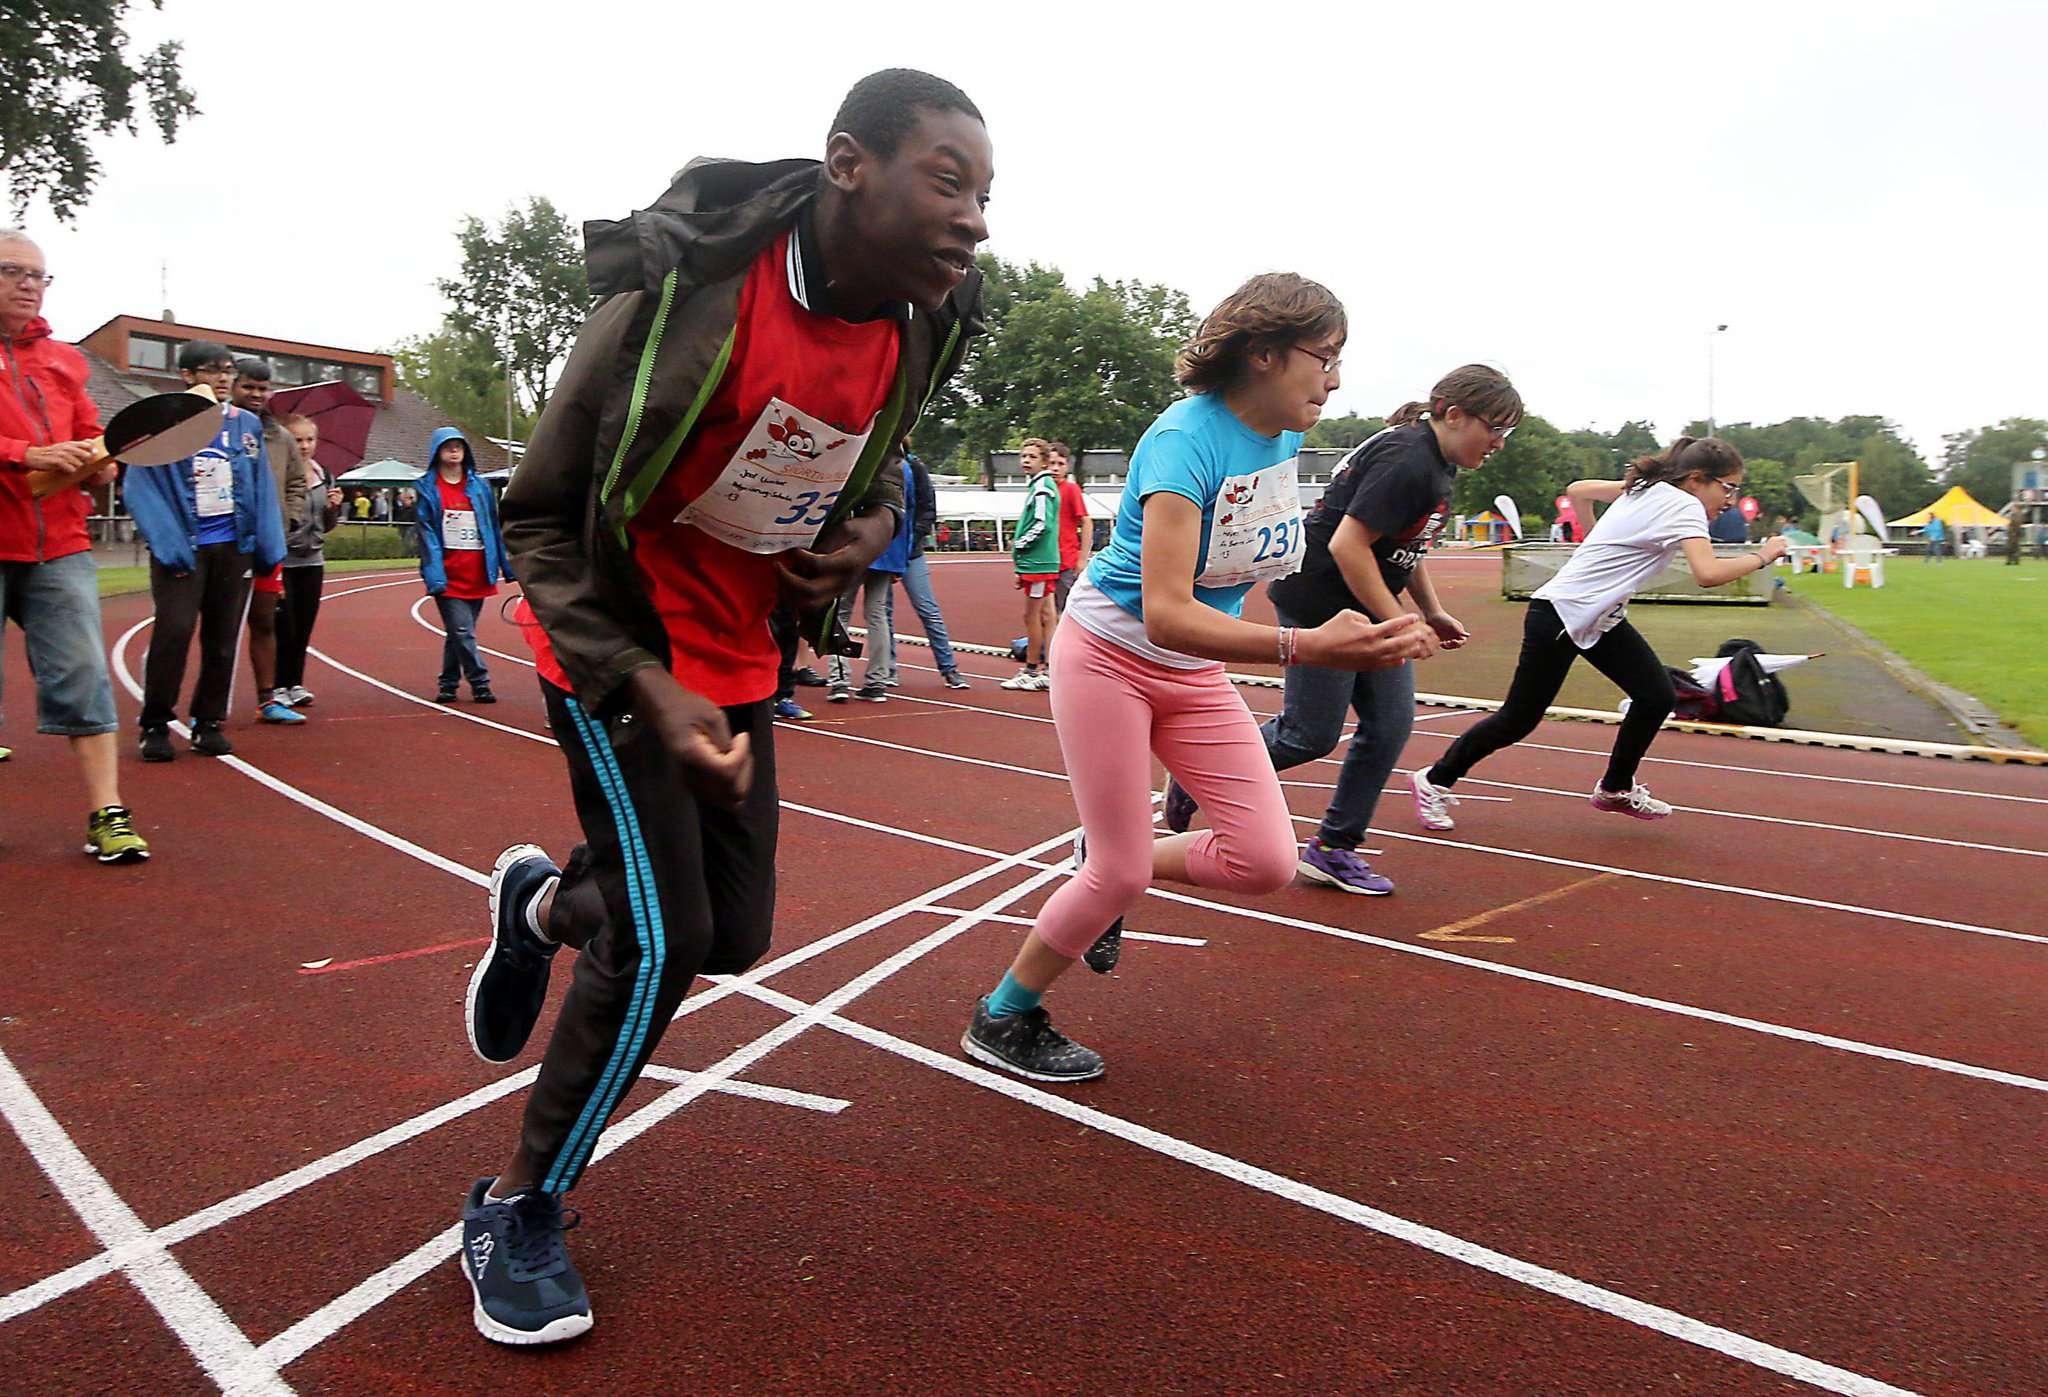 Die Sportanlagen in Rotenburg öffnen wieder. Mannschaftssport ist jedoch weiterhin nur eingeschränkt möglich.